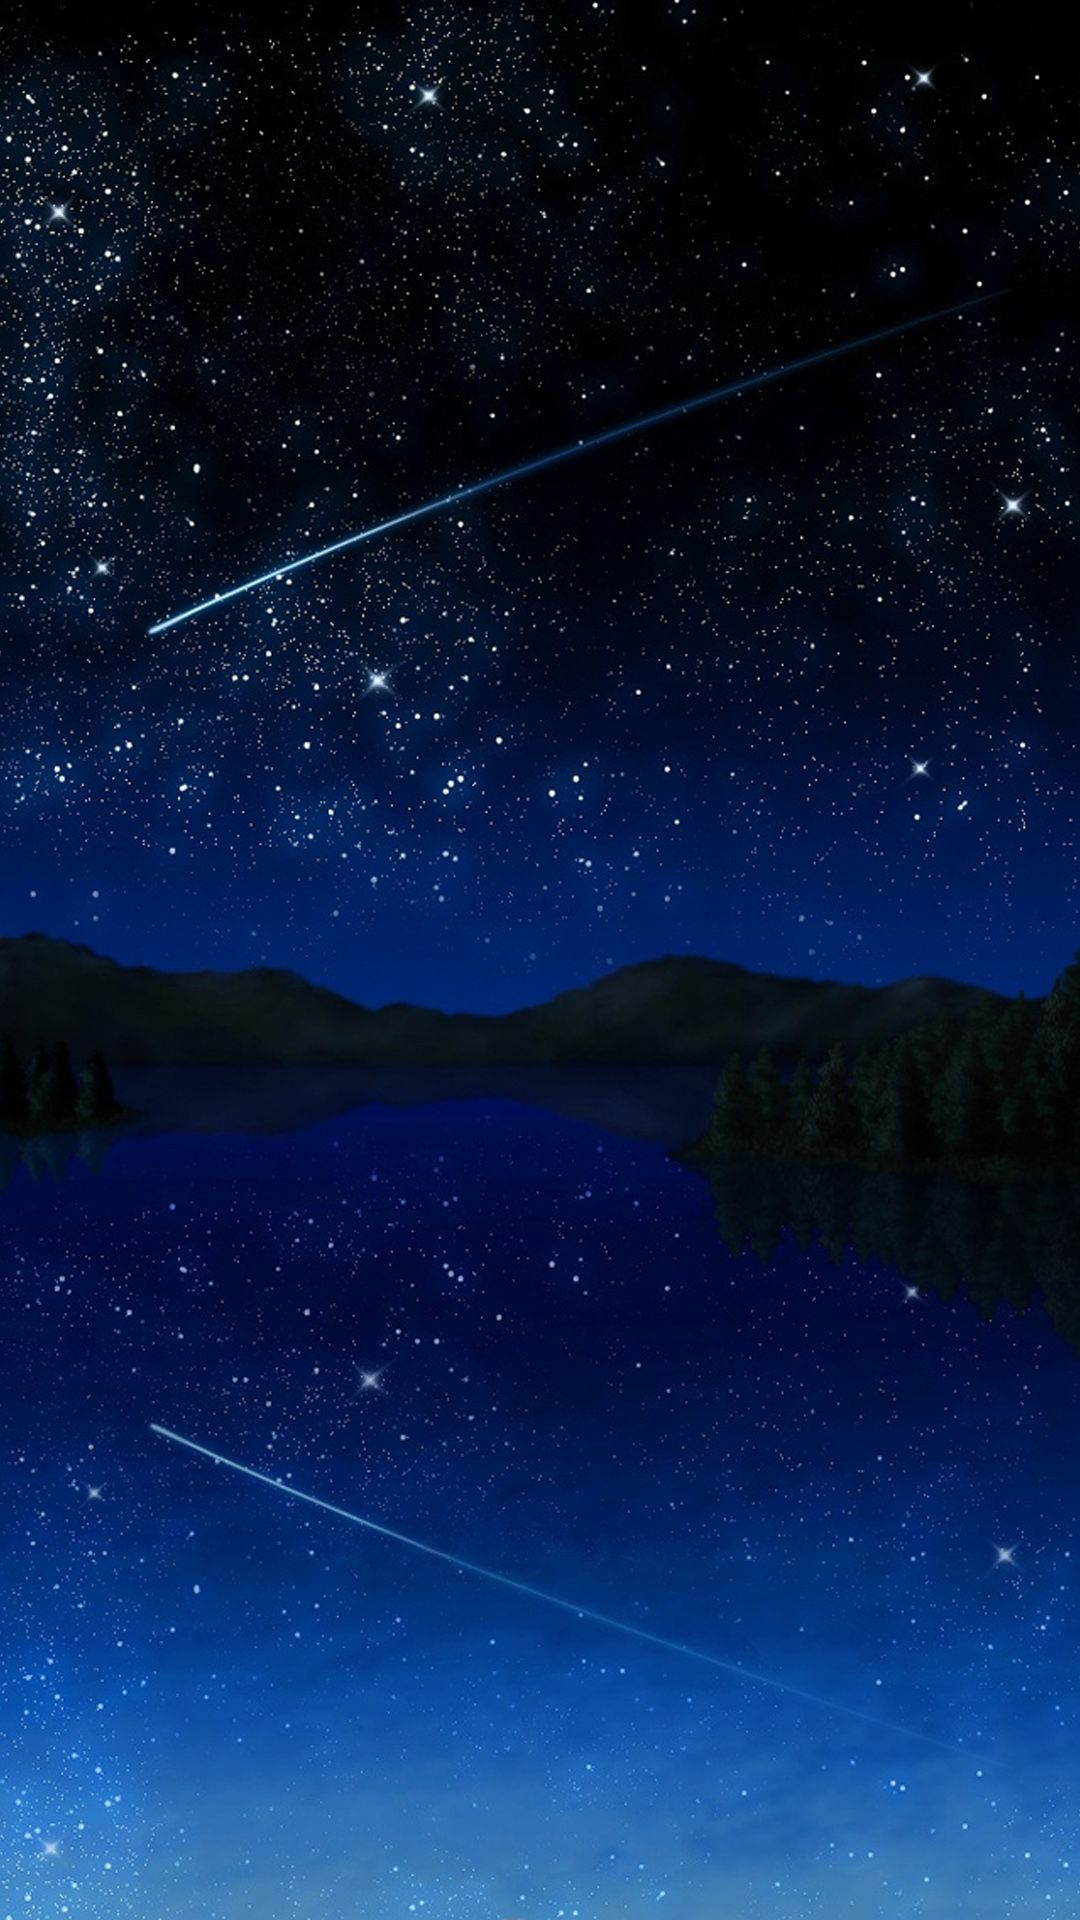 人気151位 流れ星の夜 2020 流れ星 イラスト 壁紙 夜空 イラスト